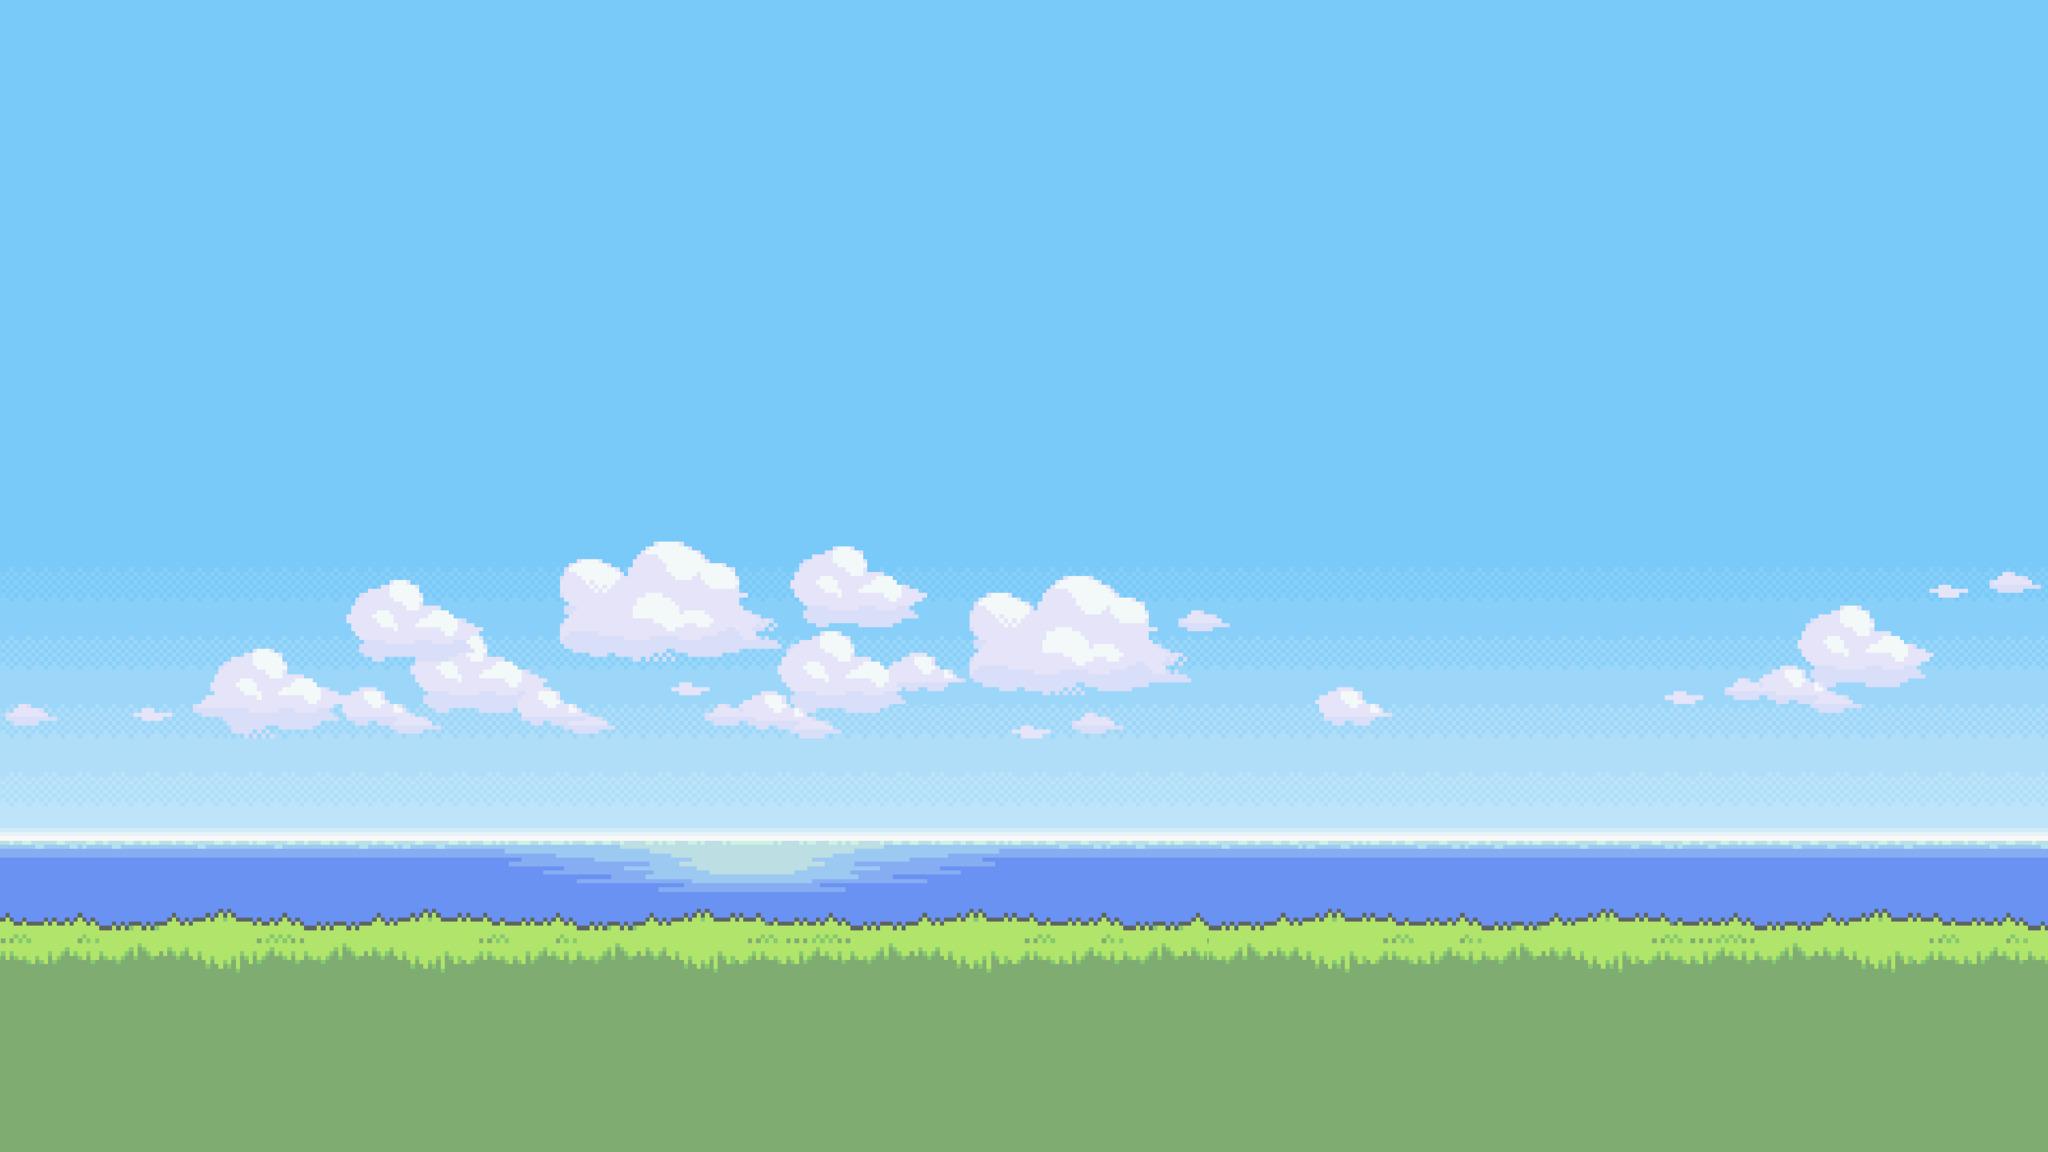 8-bit-nature-lu.jpg